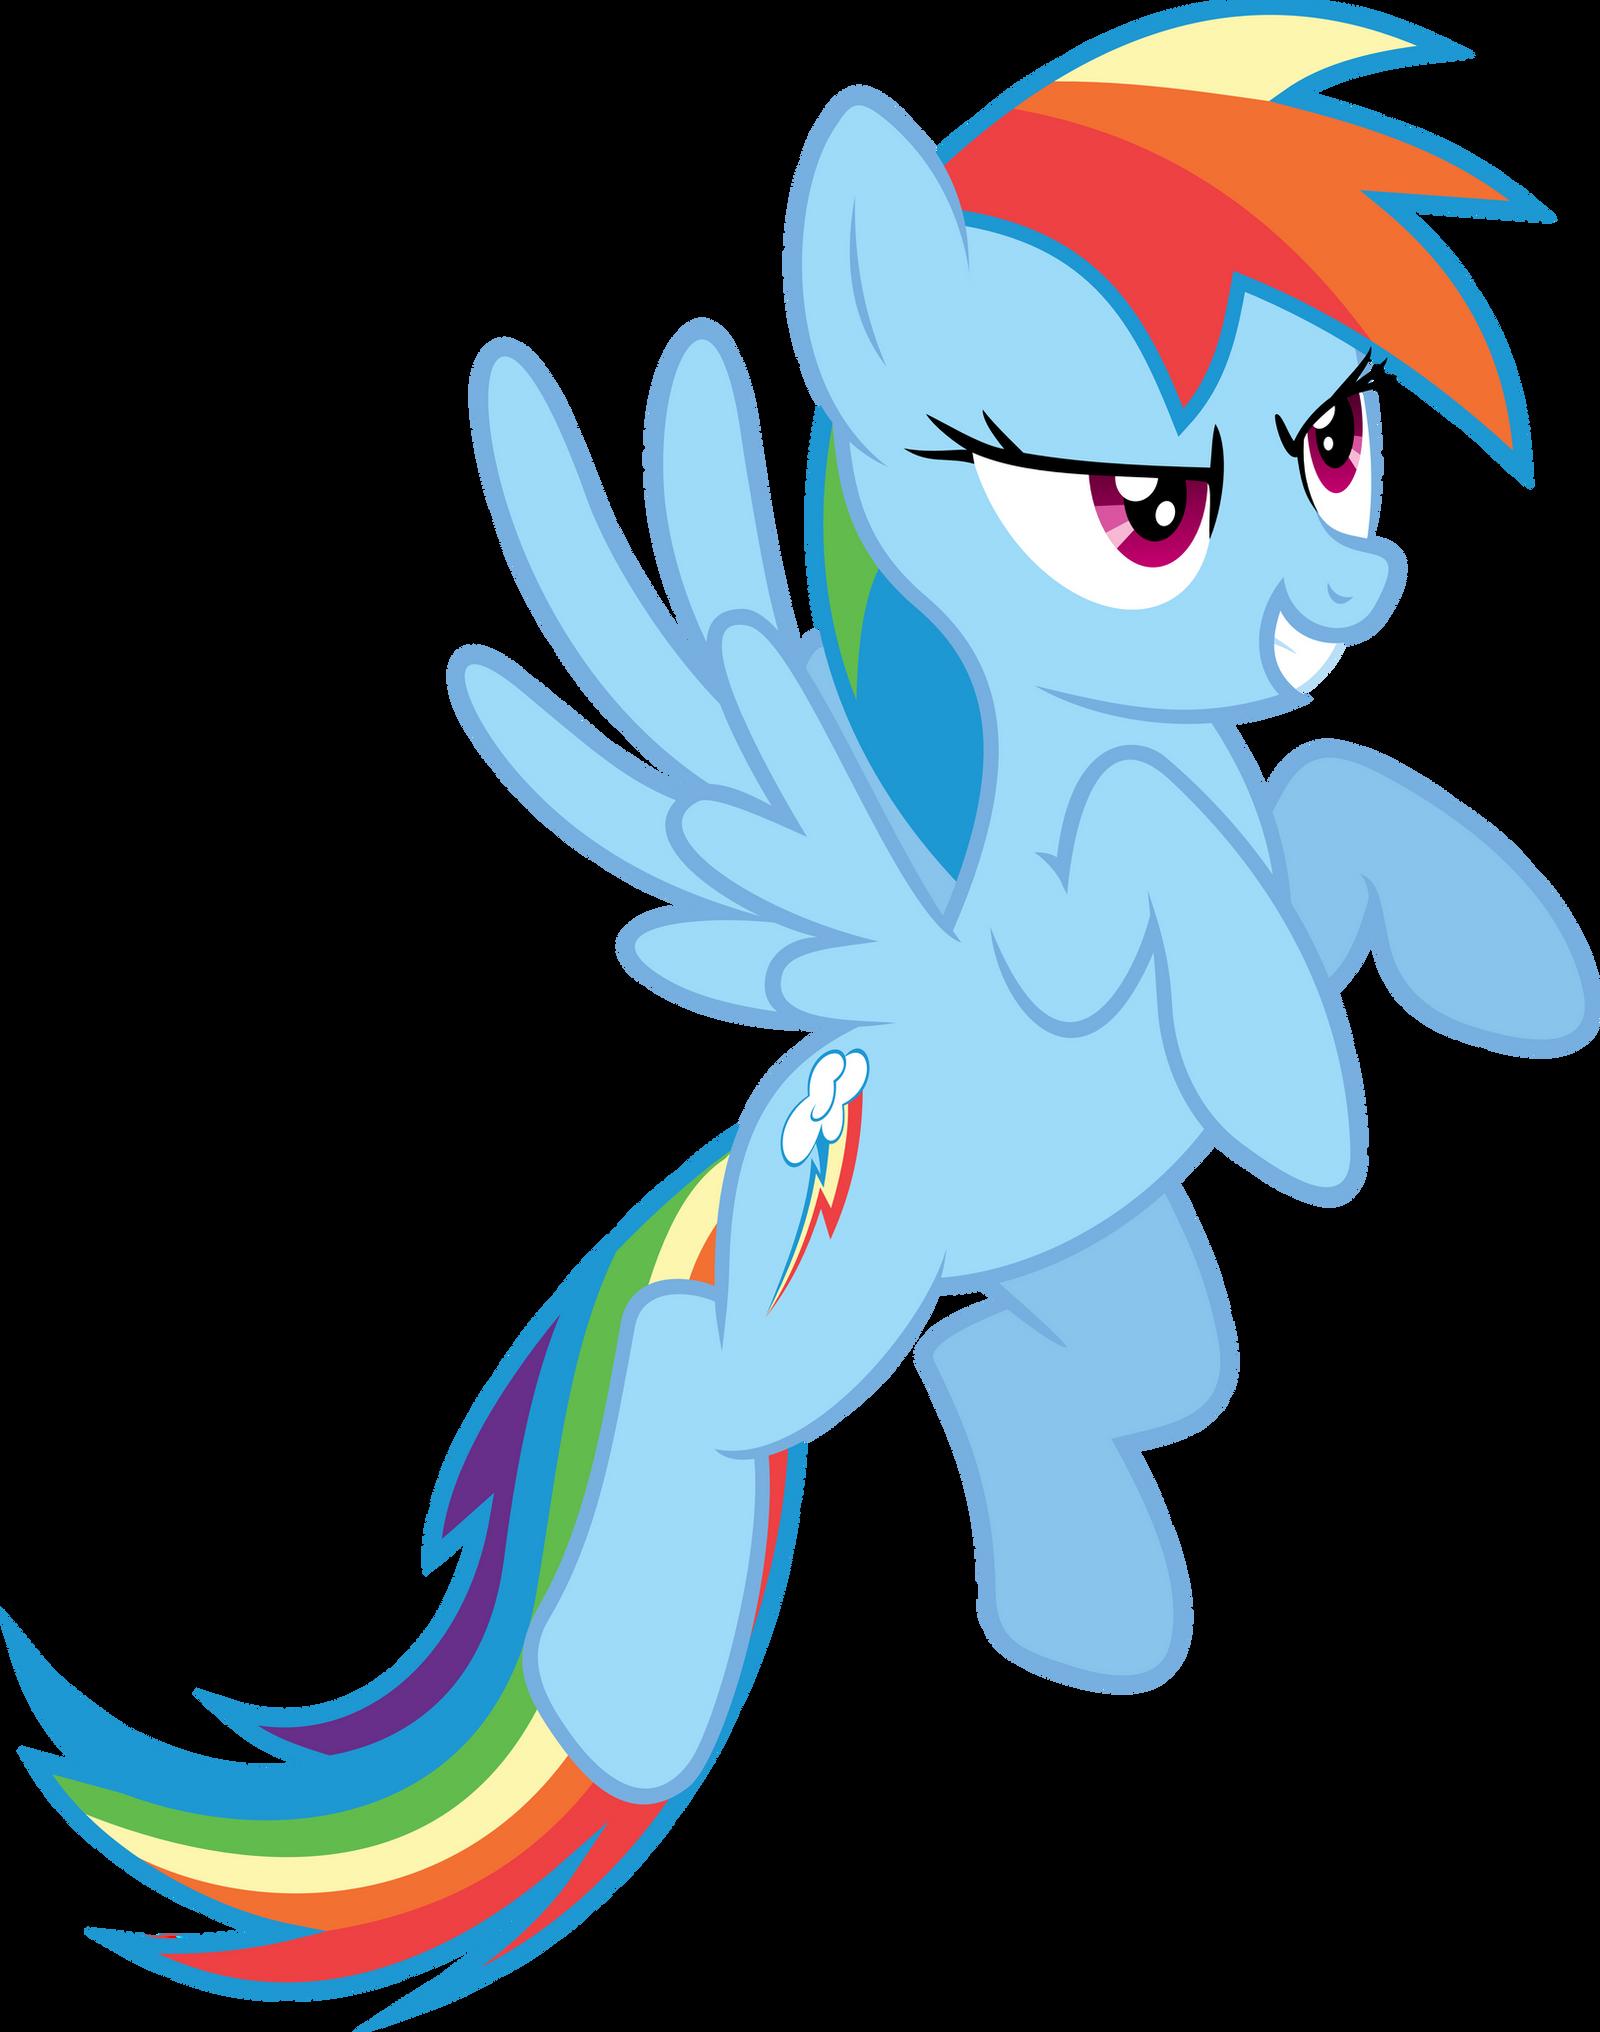 Rainbow Dash Determination by Synthrid